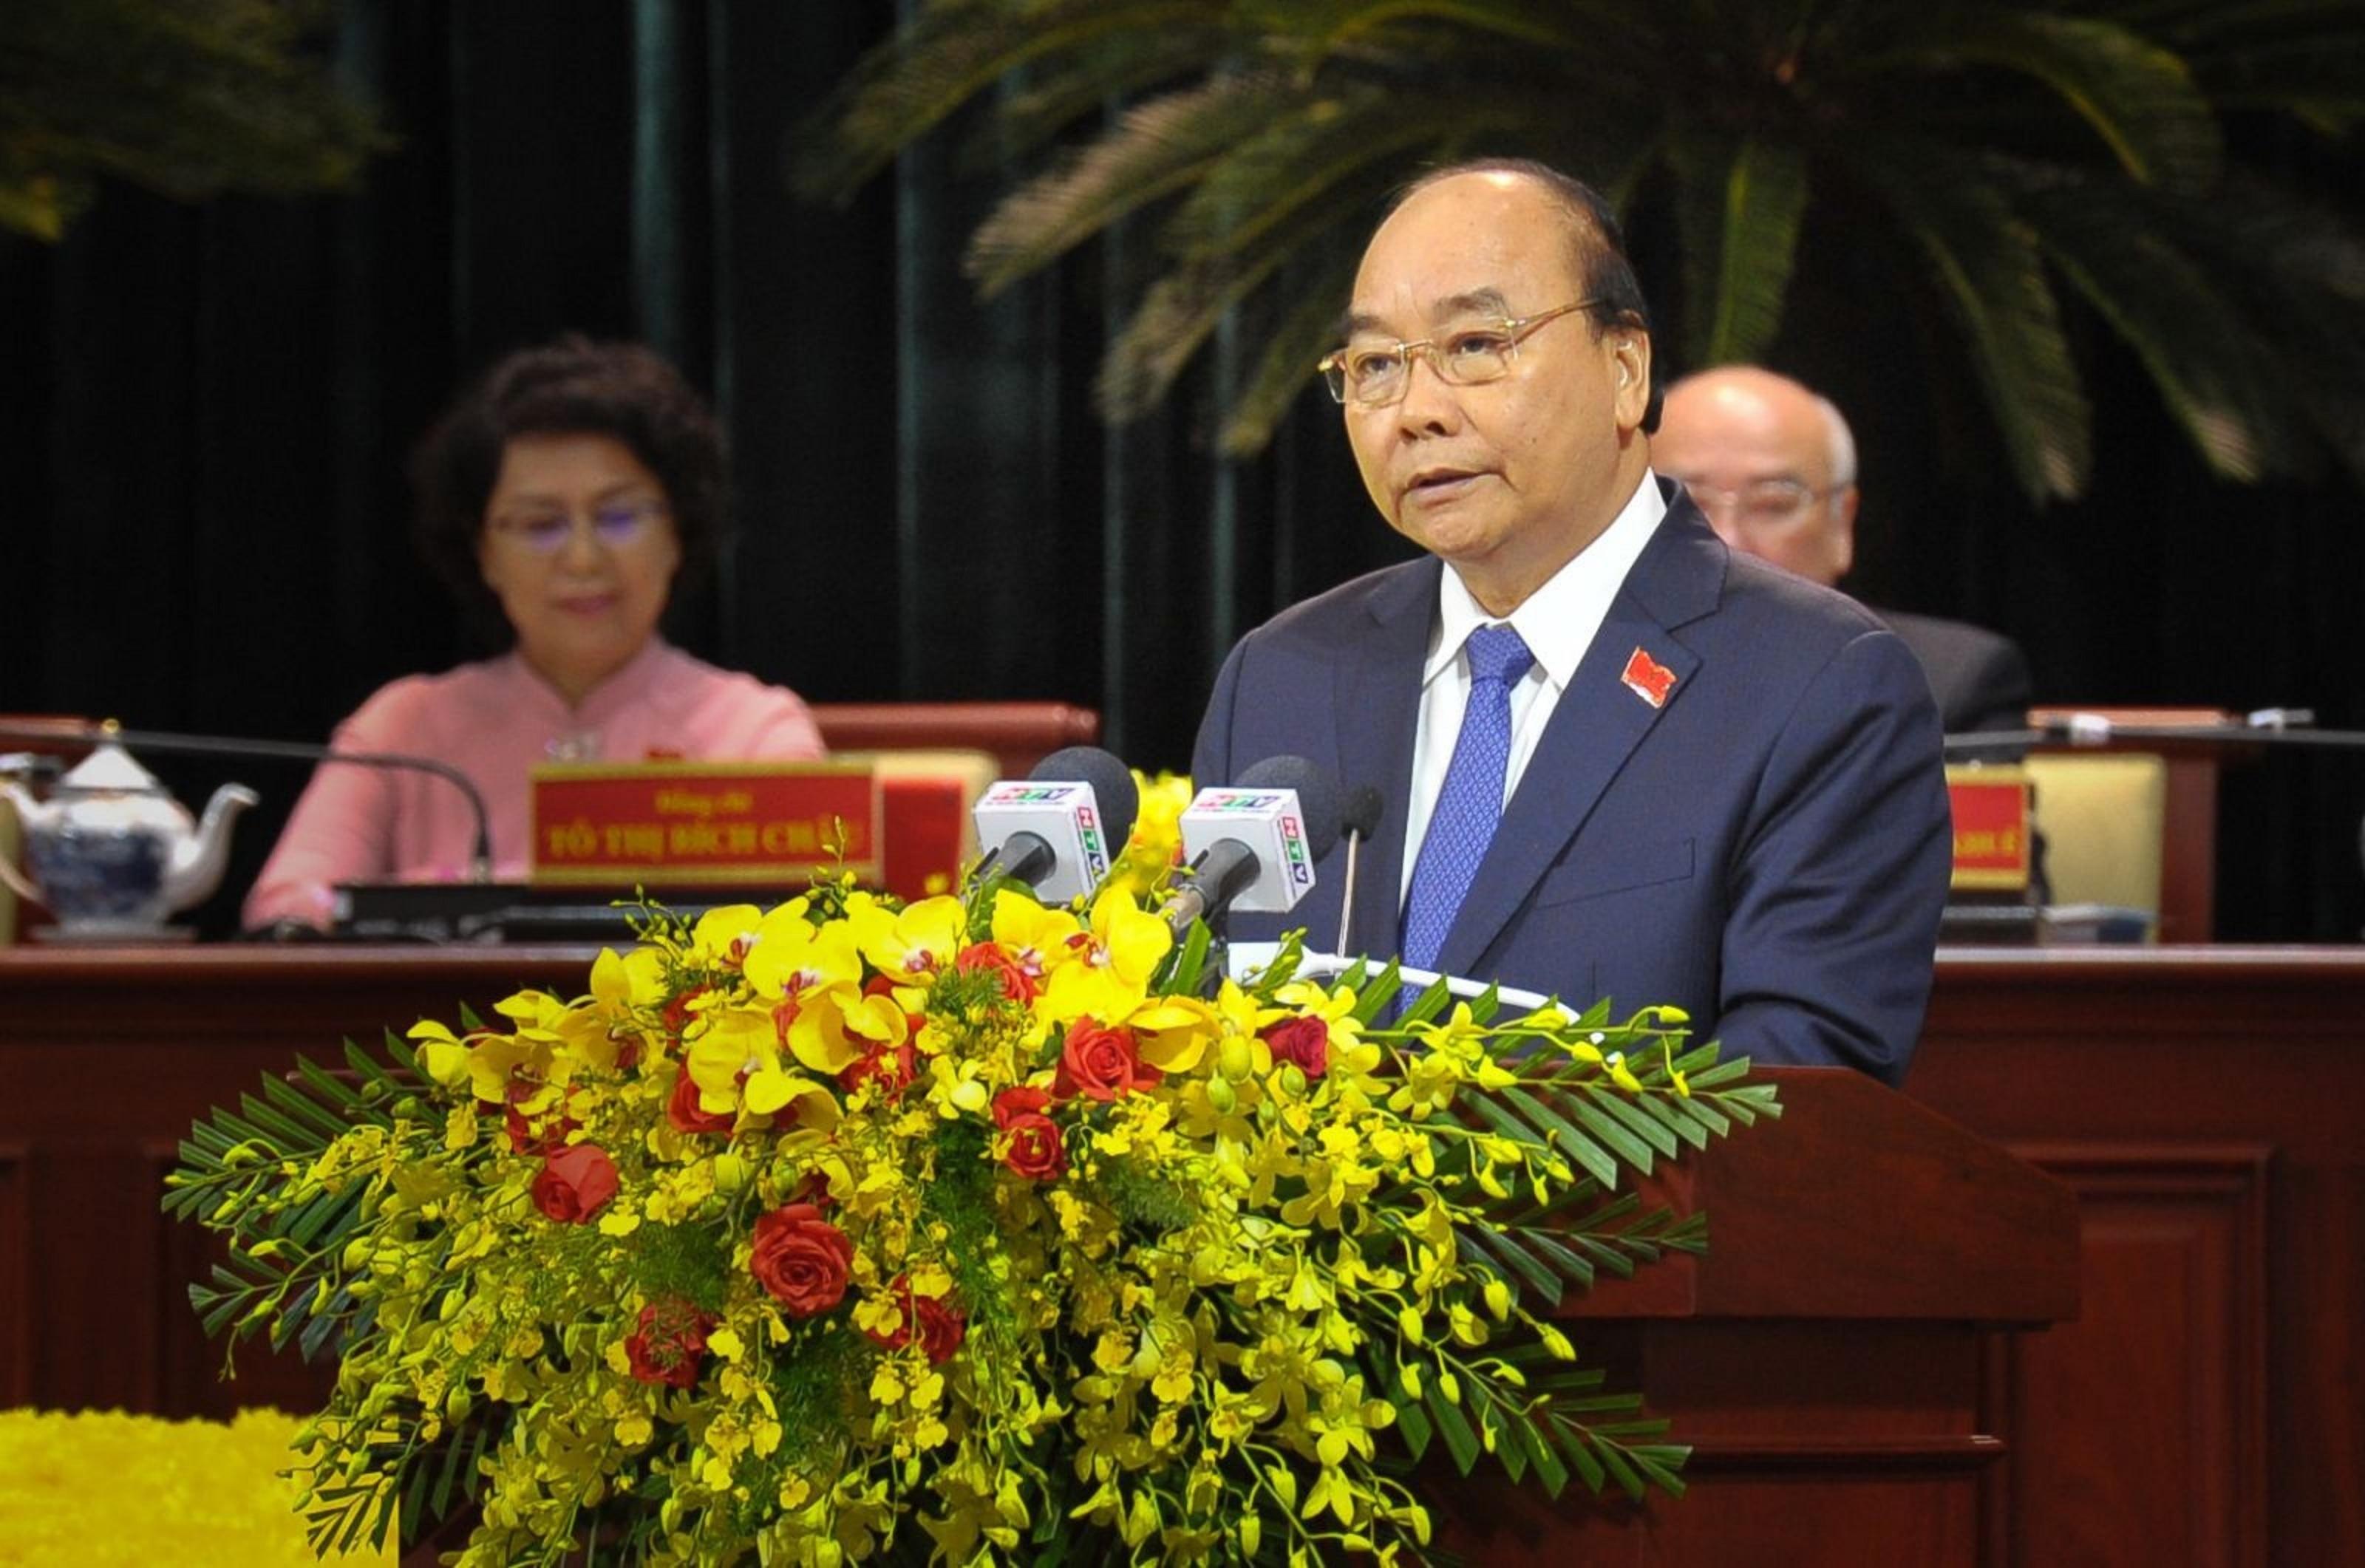 Thủ tướng Chính phủ Nguyễn Xuân Phúc phát biểu chỉ đạo tại Đại hội đại biểu Đảng bộ TP. HCM lần thứ XI.